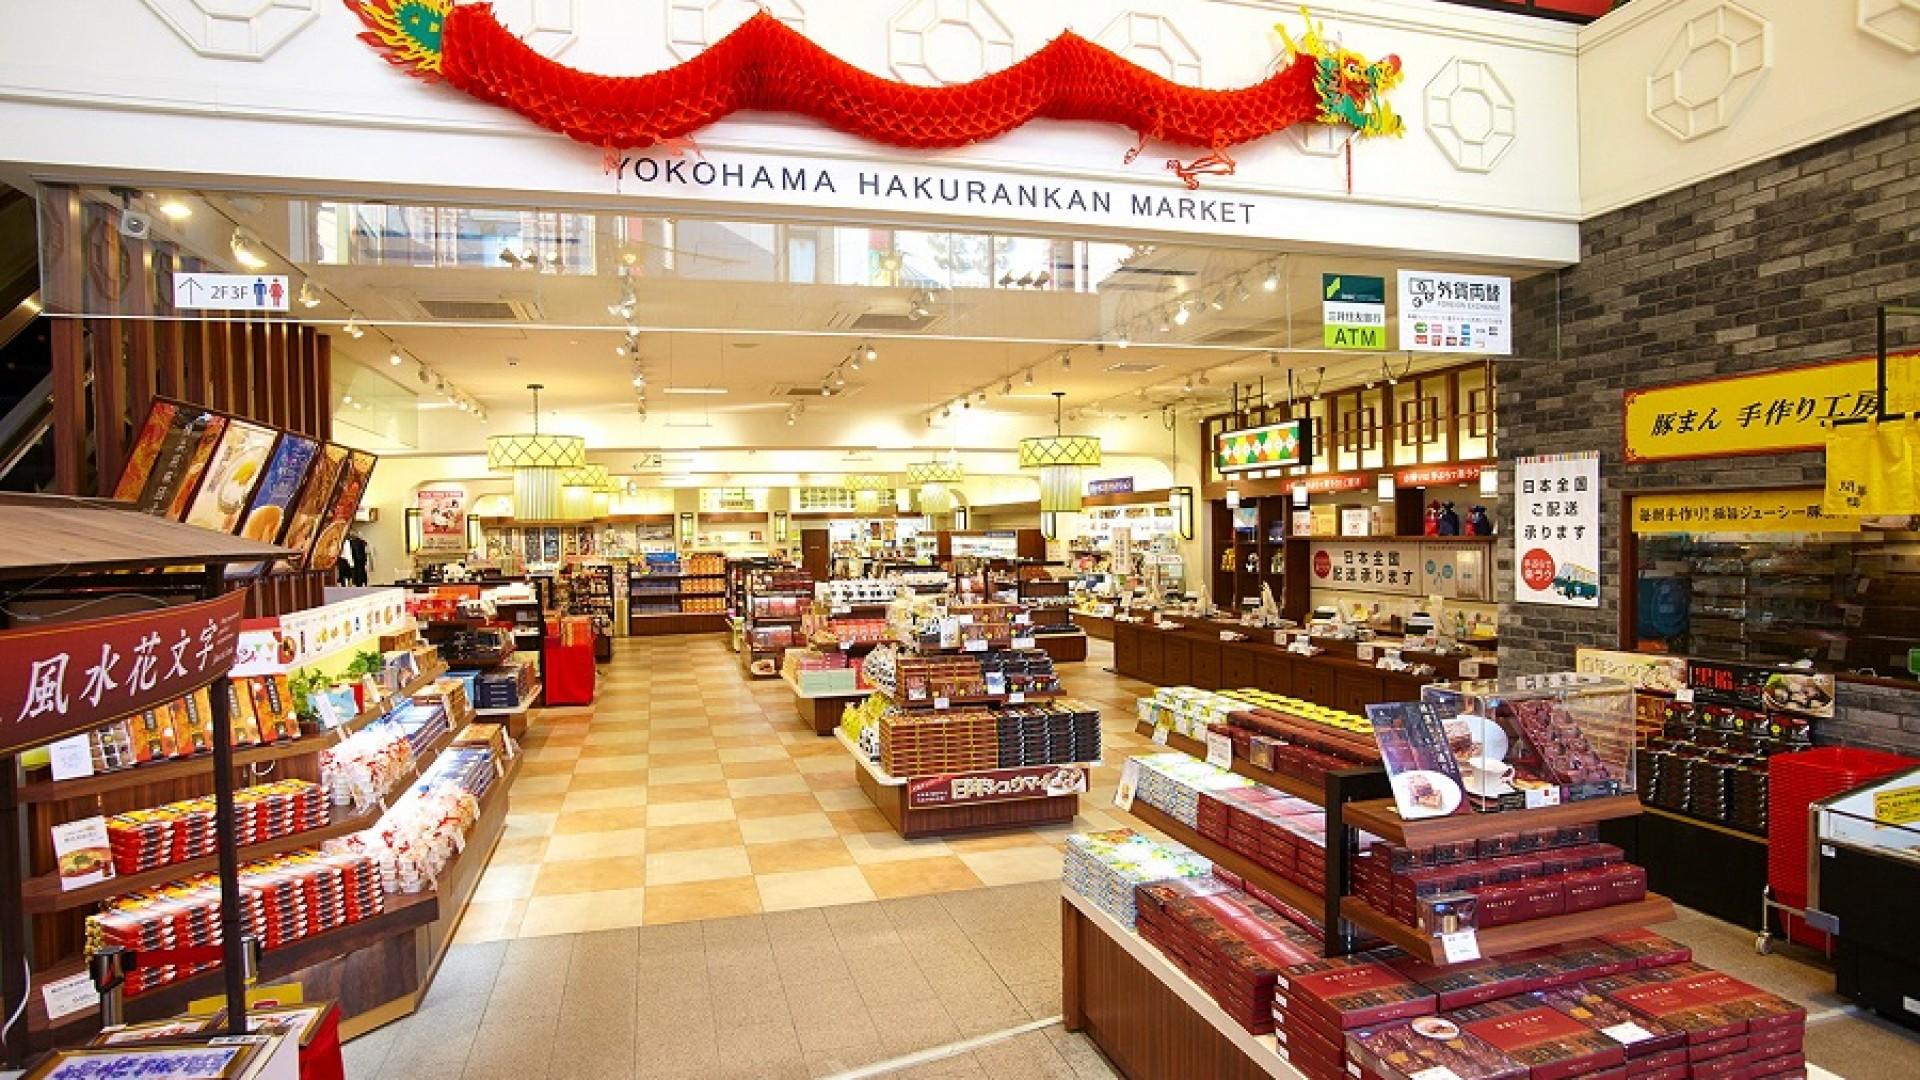 Yokohama Hakurankan